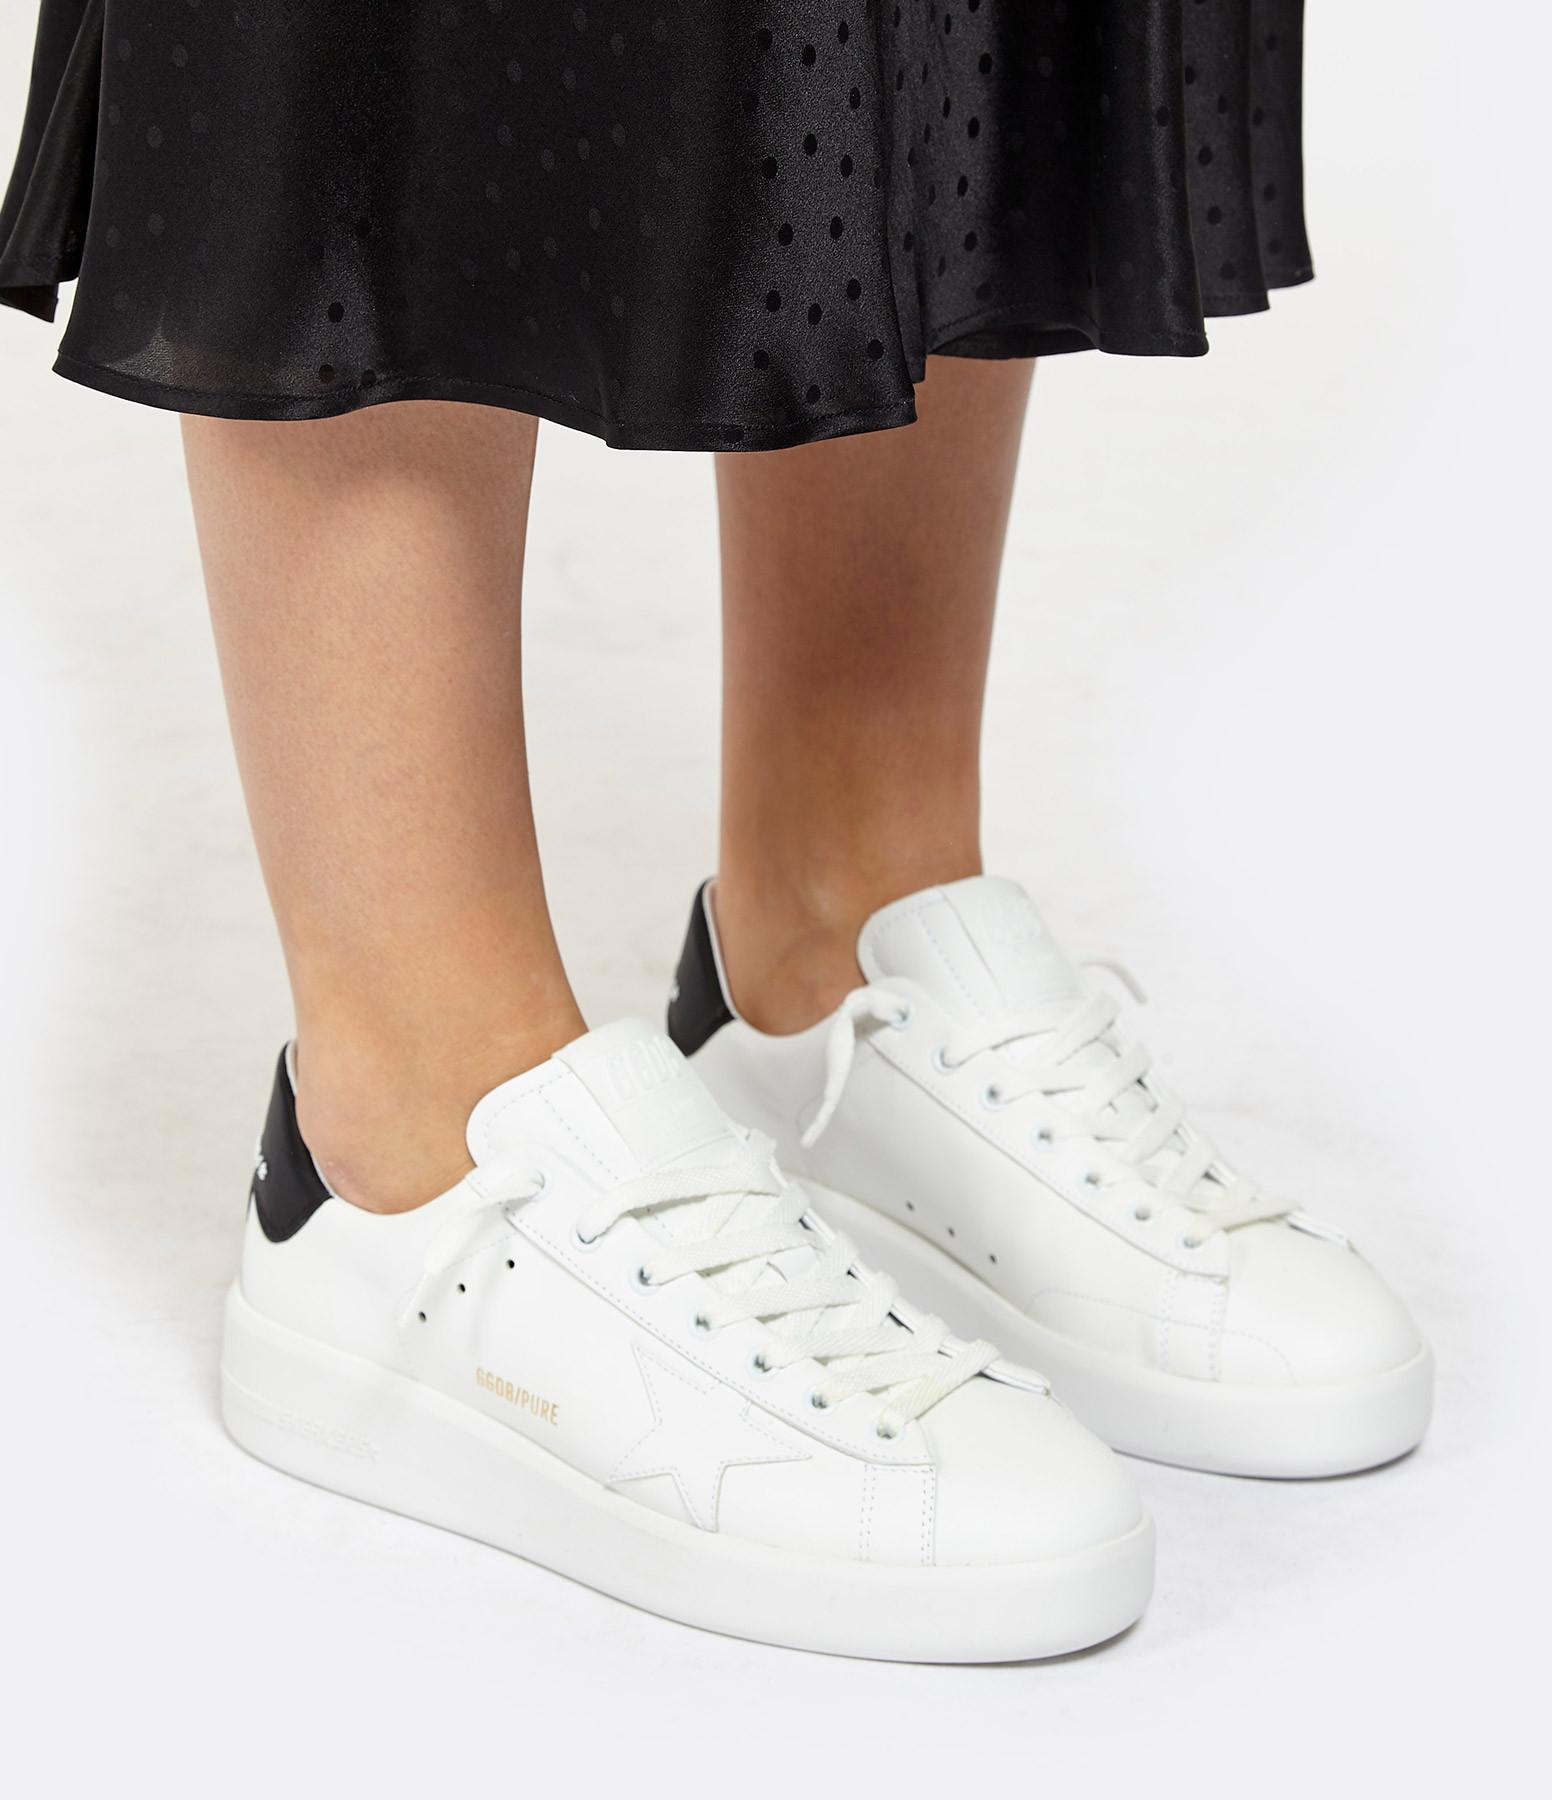 GOLDEN GOOSE - Baskets Pure Star Cuir Blanc Noir